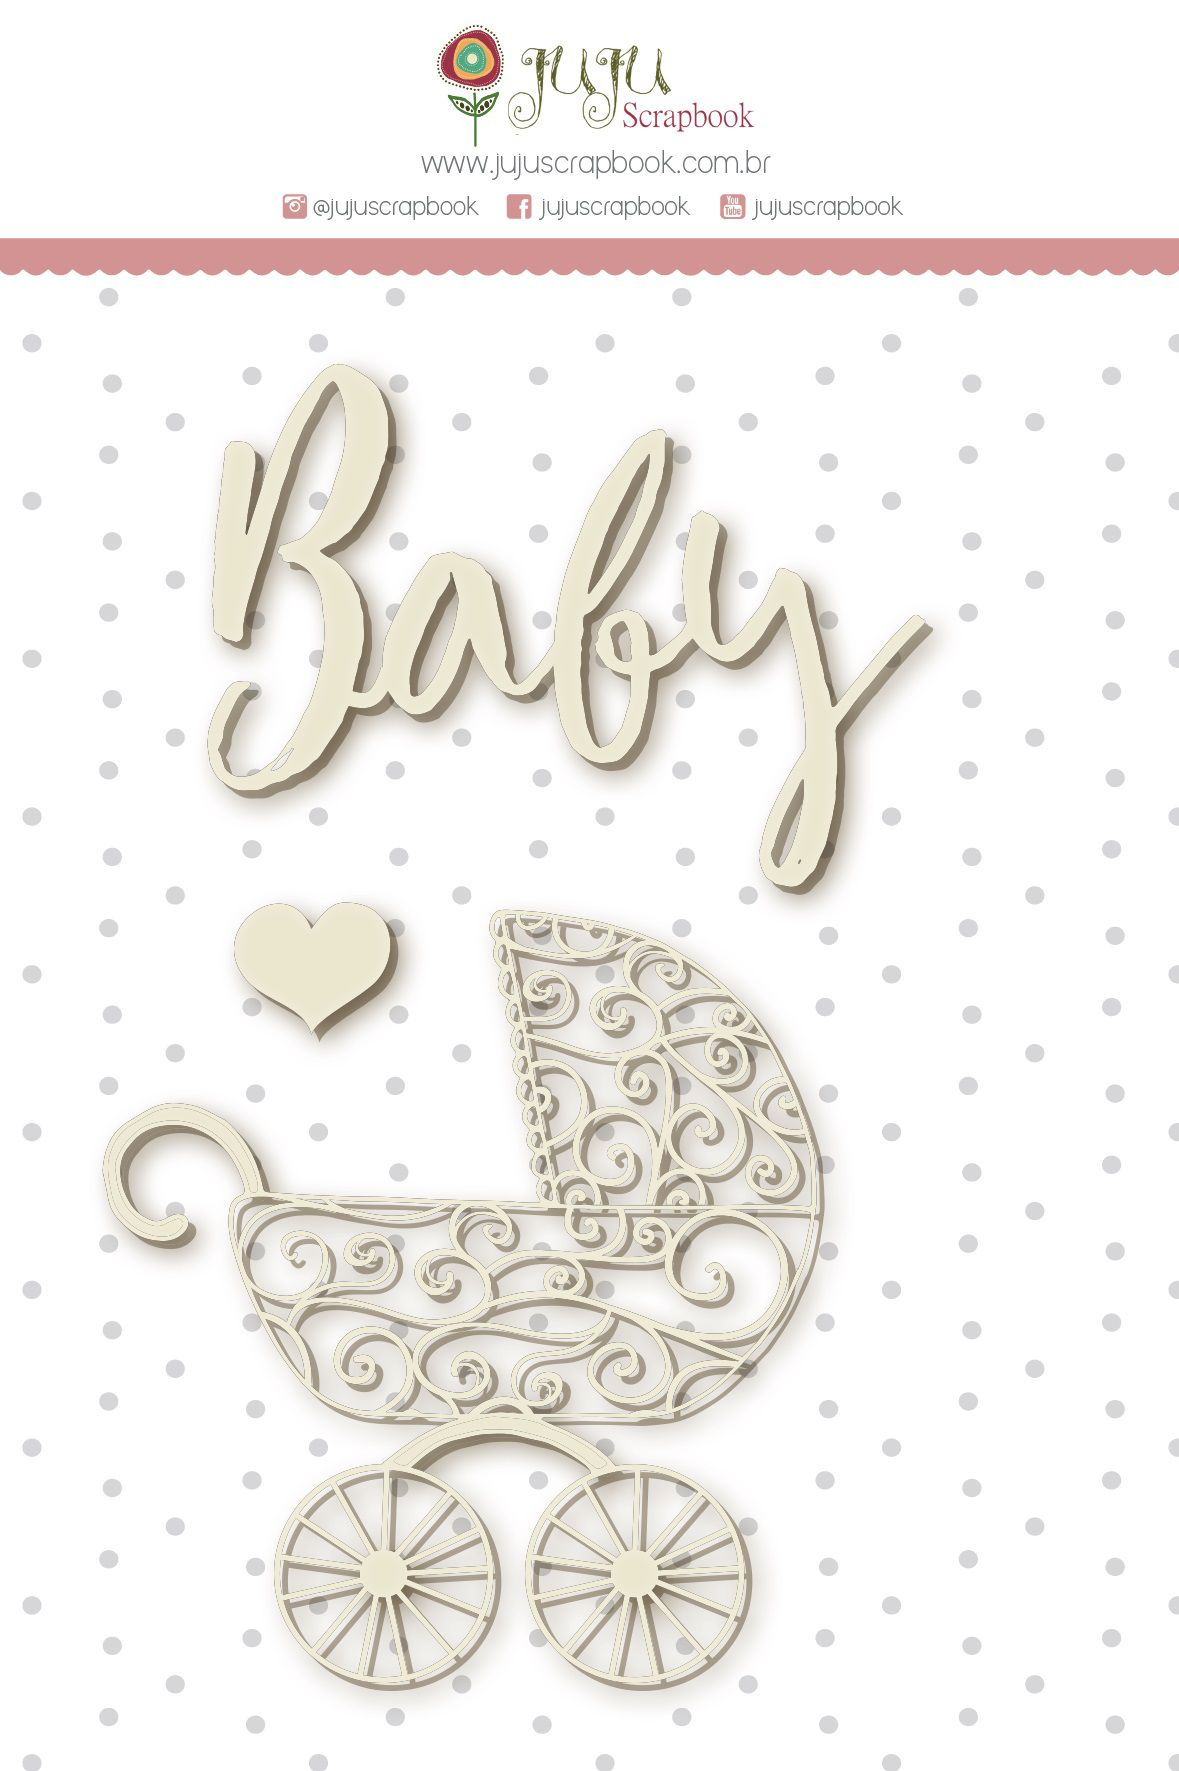 Enfeite Chipboard Branco Baby - Coleção Meu Coração é Seu - JuJu Scrapbook  - JuJu Scrapbook